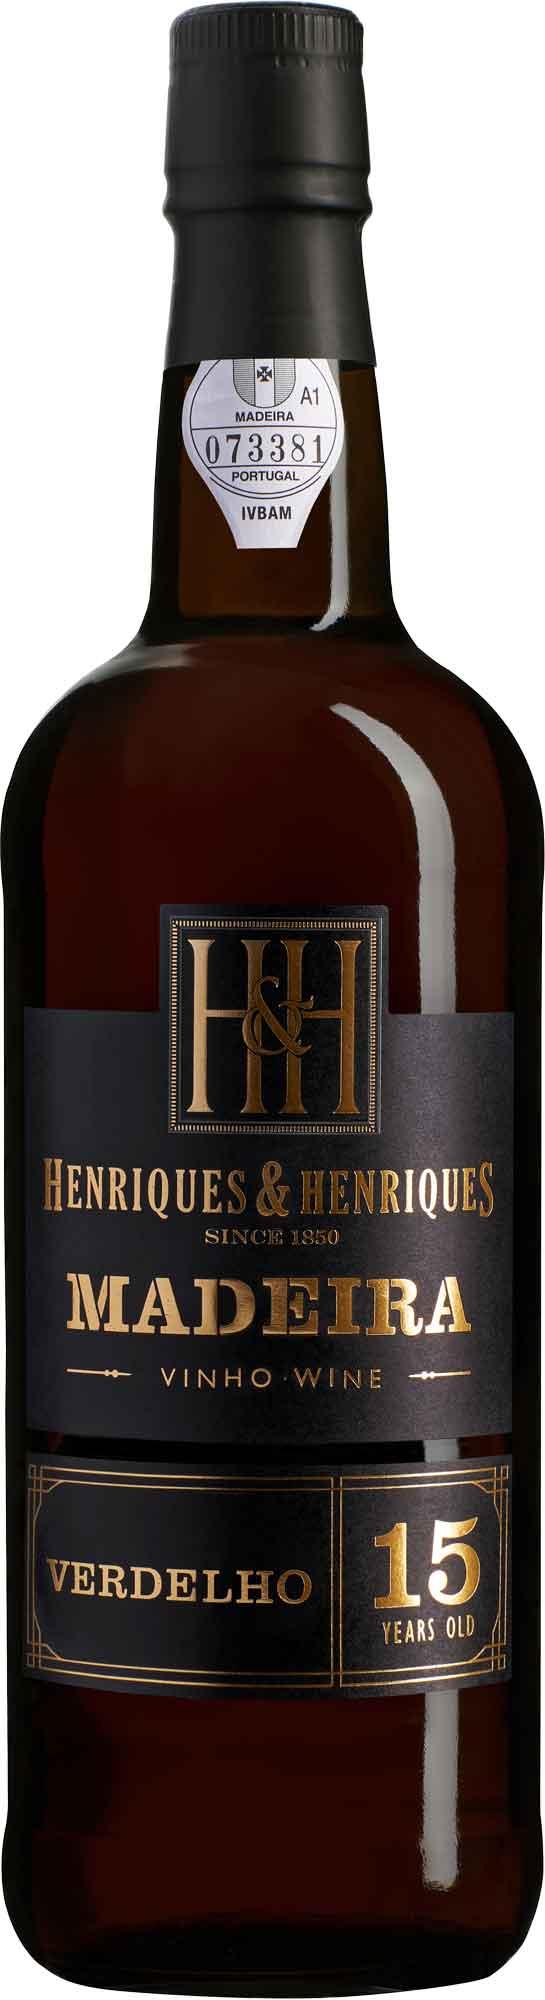 H&H Verdelho 15 Year Old Madeira NV